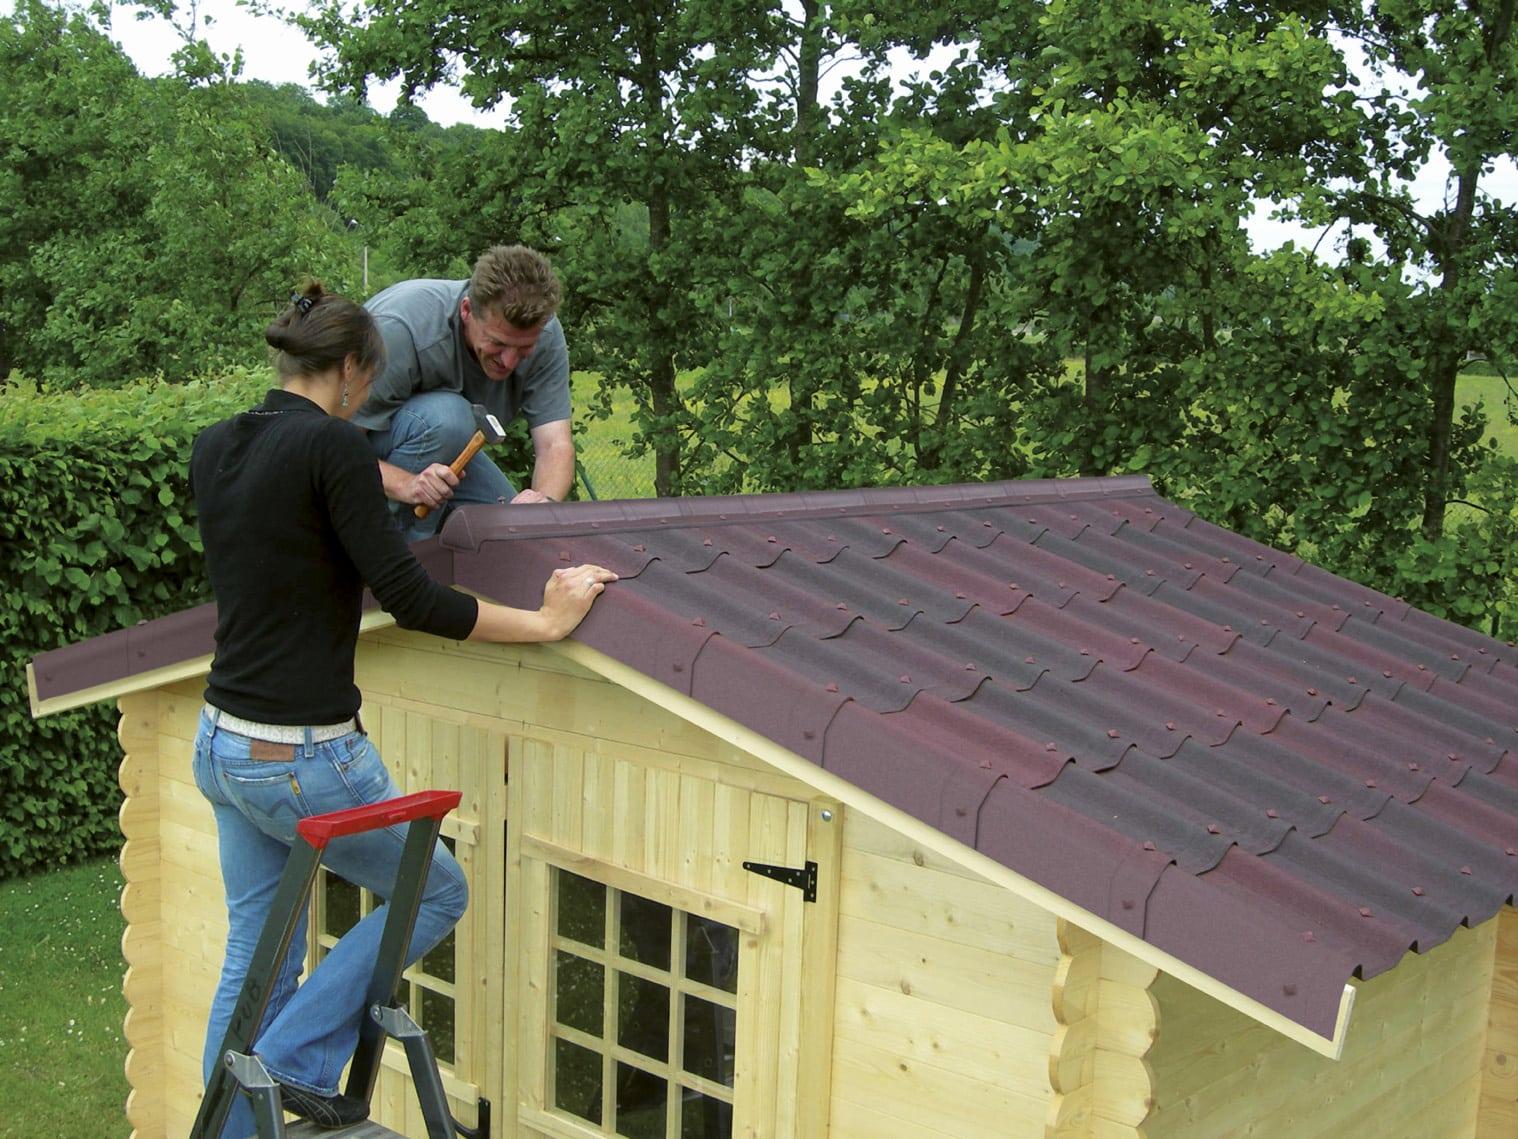 Comment faire la pose de rouleau bitume d 39 un abri de jardin - Rouleau de bitume pour abri de jardin ...